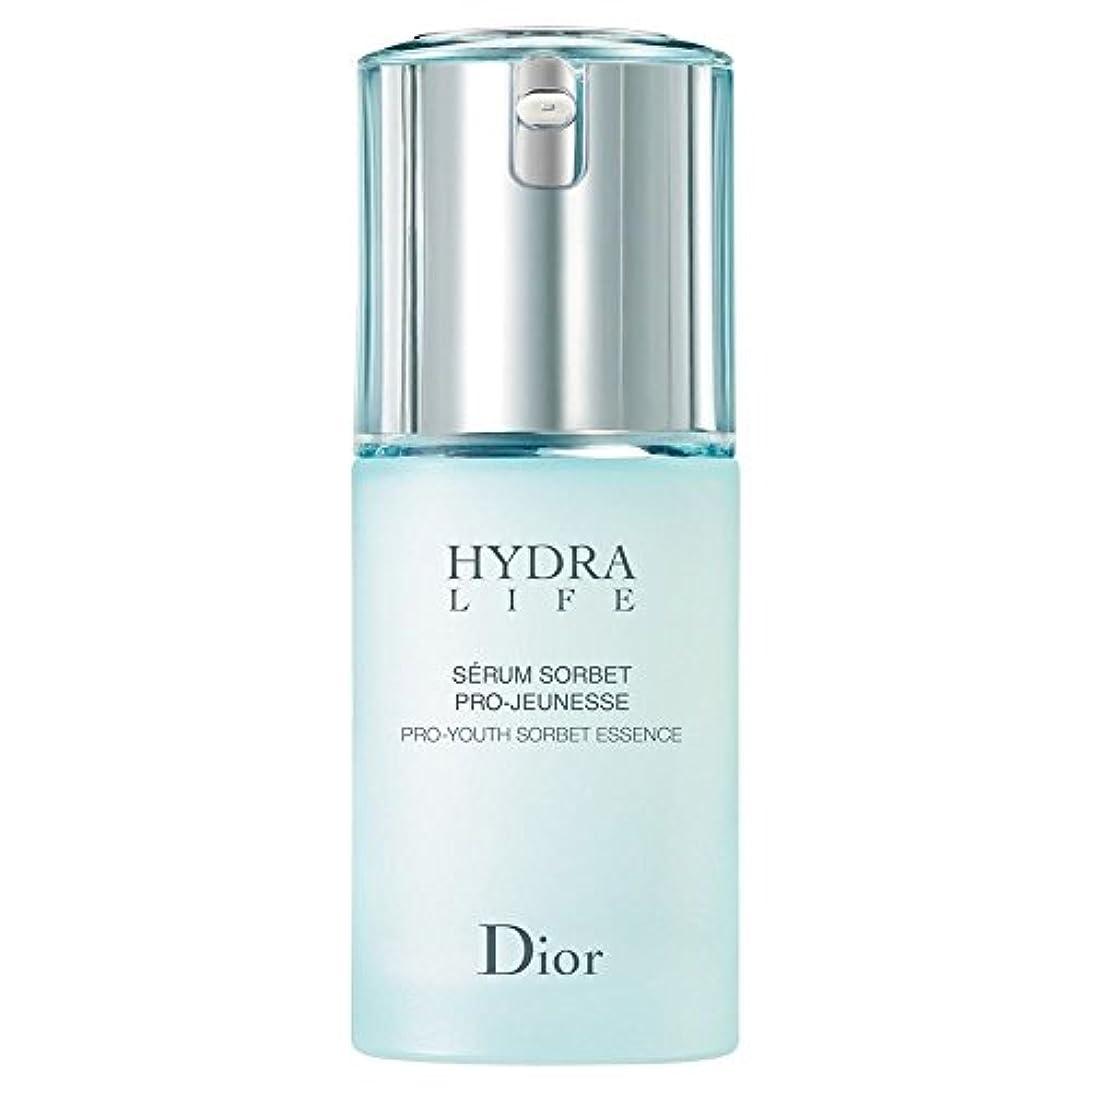 かんがい隠された利点[Dior] ディオールヒドラライフプロ若者シャーベットセラム30Ml - Dior Hydra Life Pro-Youth Sorbet Serum 30ml [並行輸入品]